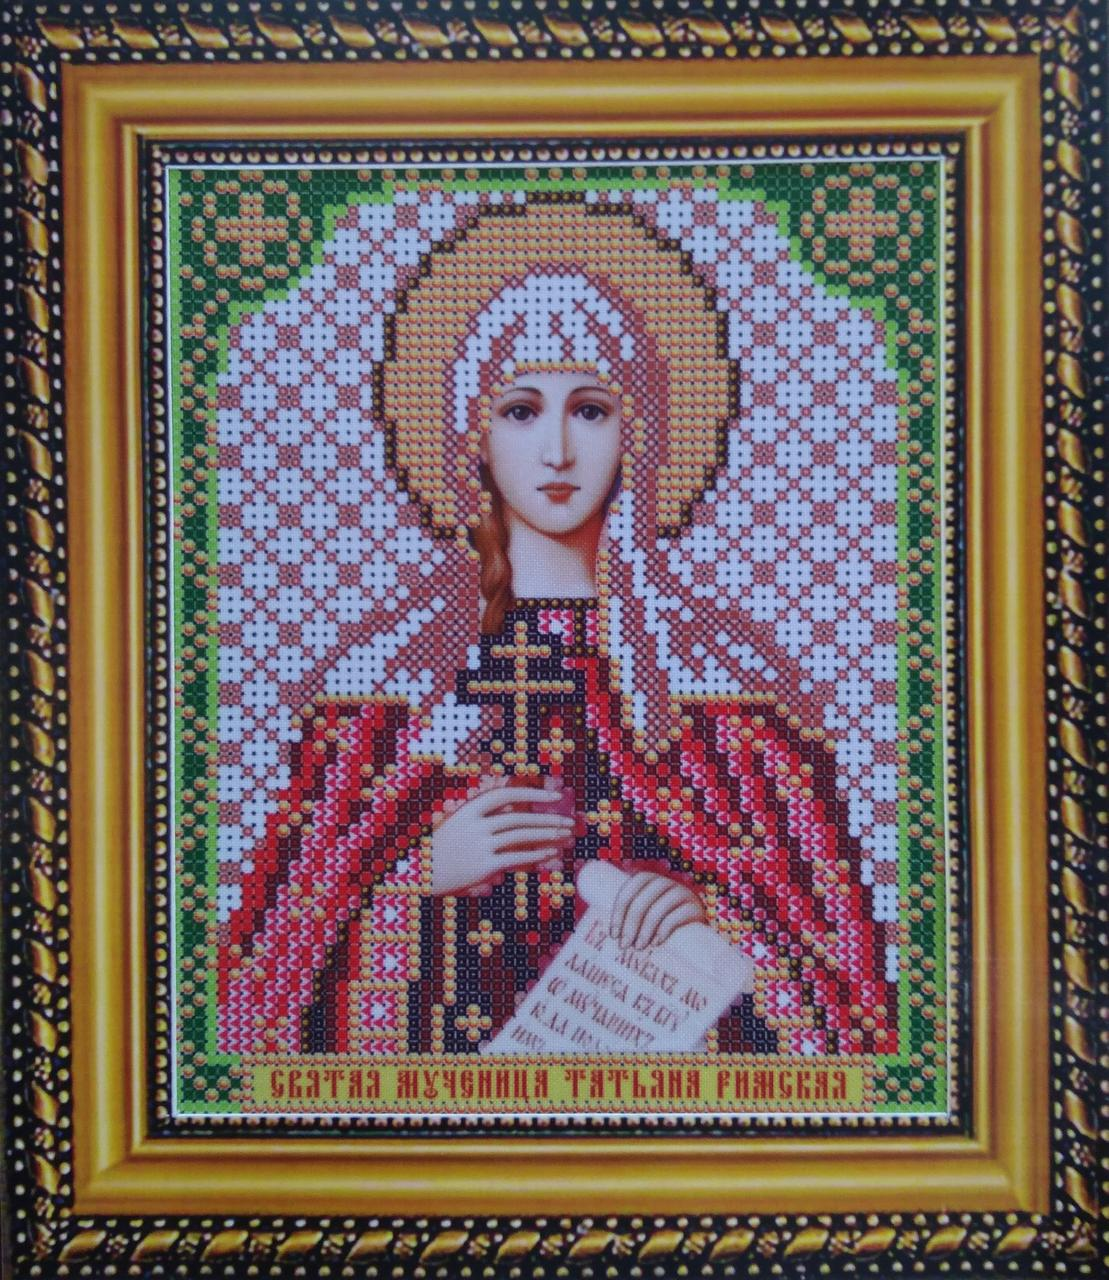 Набор для вышивки бисером ArtWork икона Святая Мученица Татьяна Римская VIA 5158